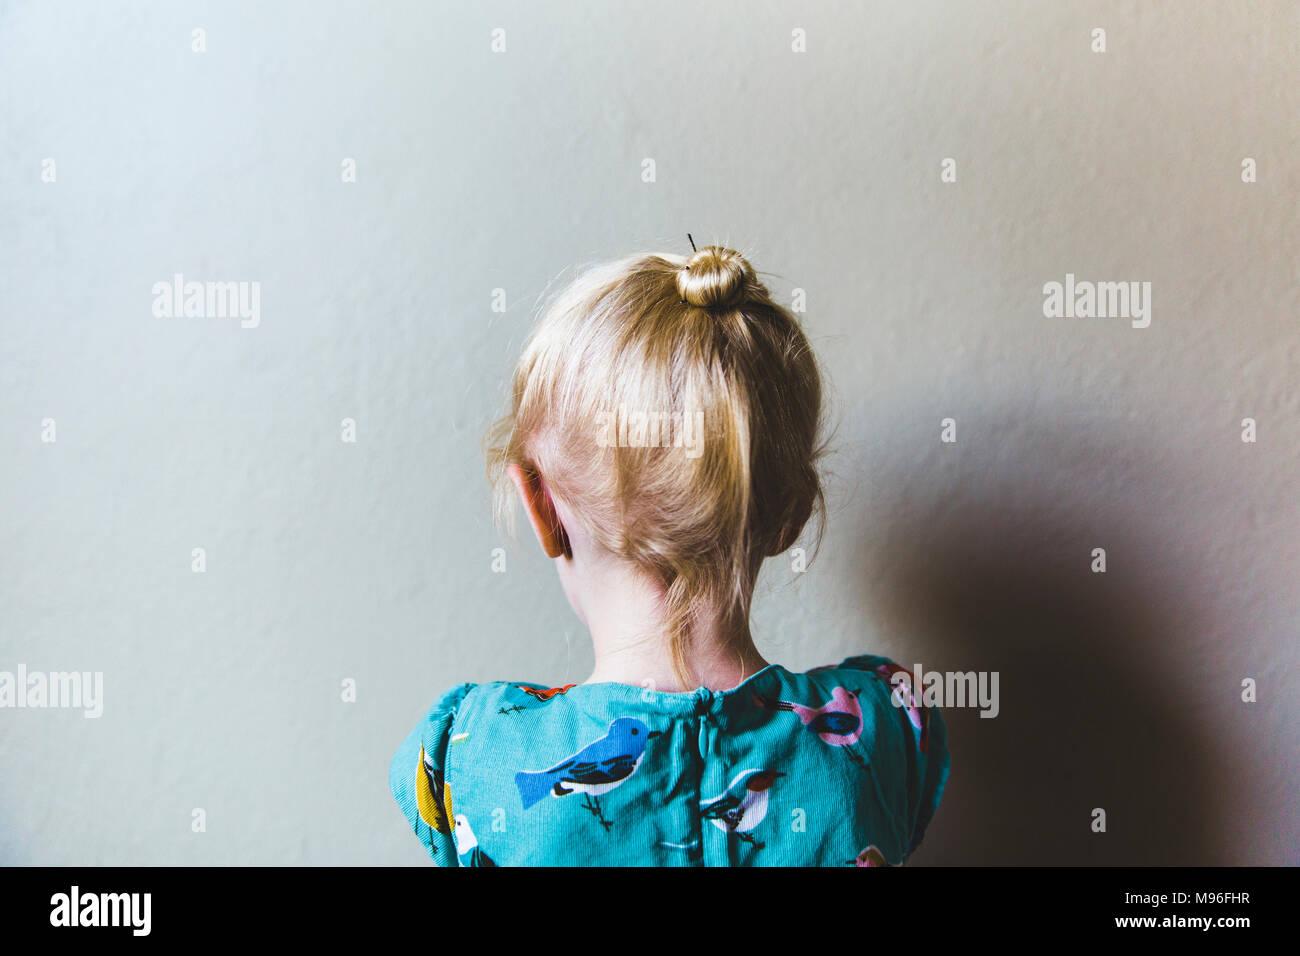 Rückseite des Girl's Kopf Stockfoto